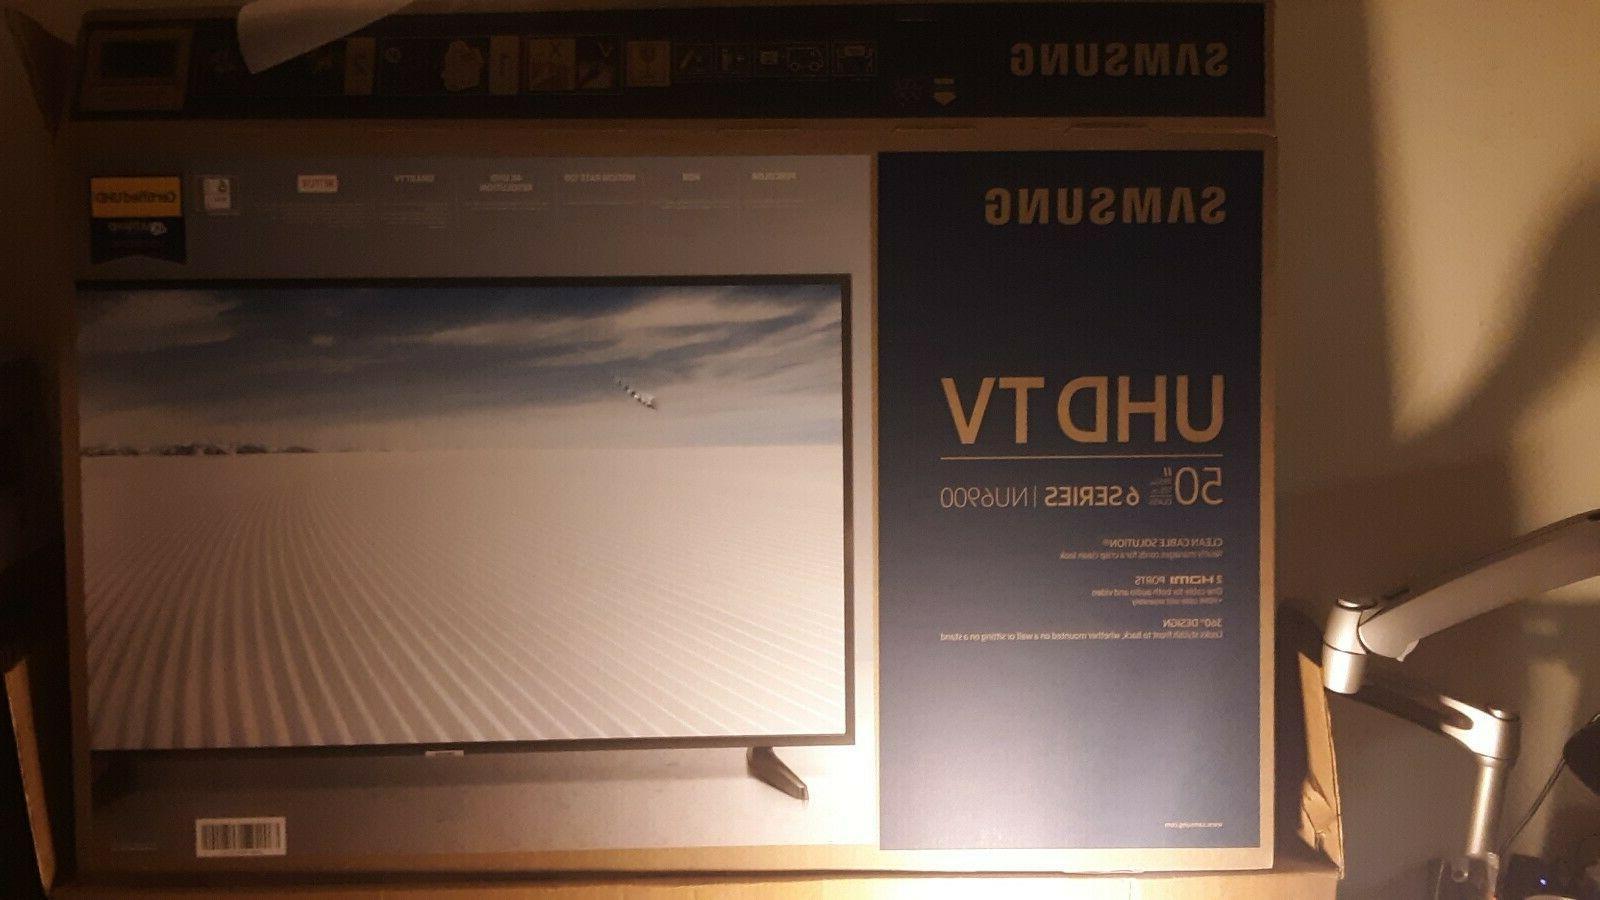 Samsung 4K Ultra TV